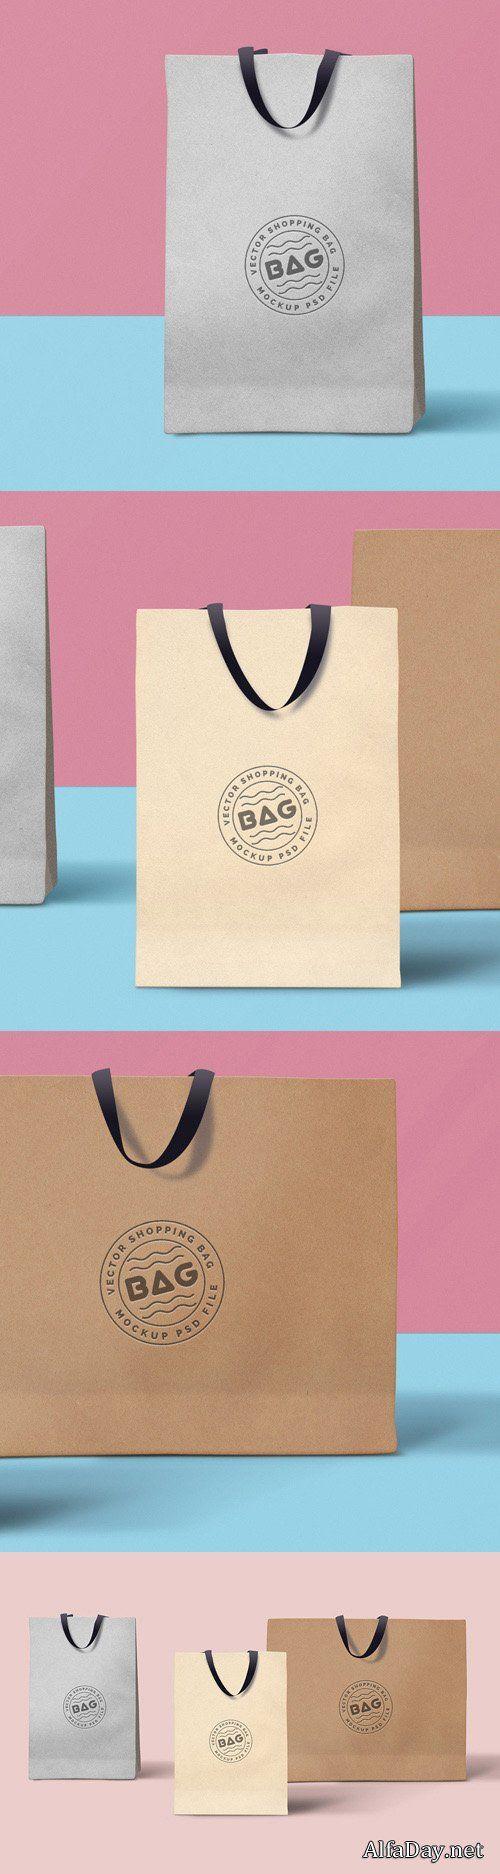 Ping Bag Mockup Part 2